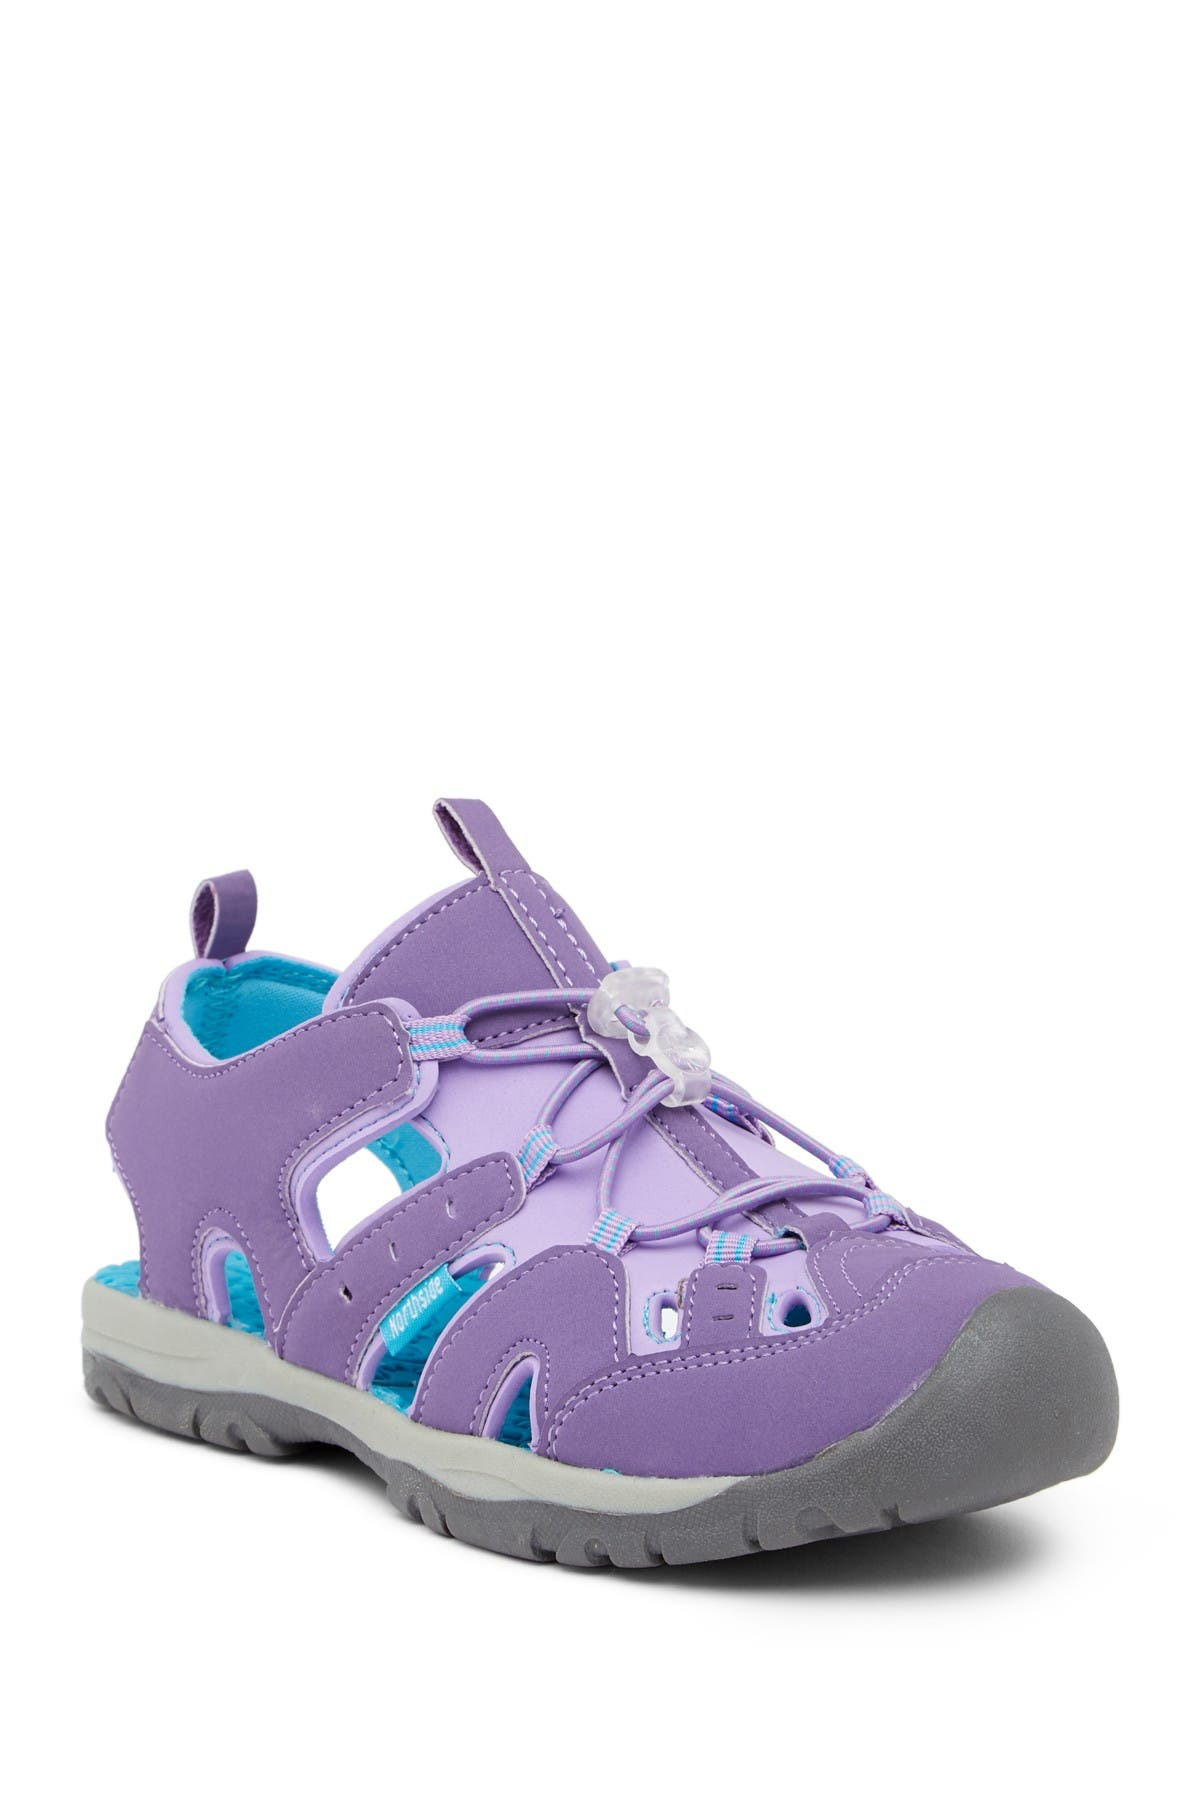 Image of NORTHSIDE Burke II Water Sneaker